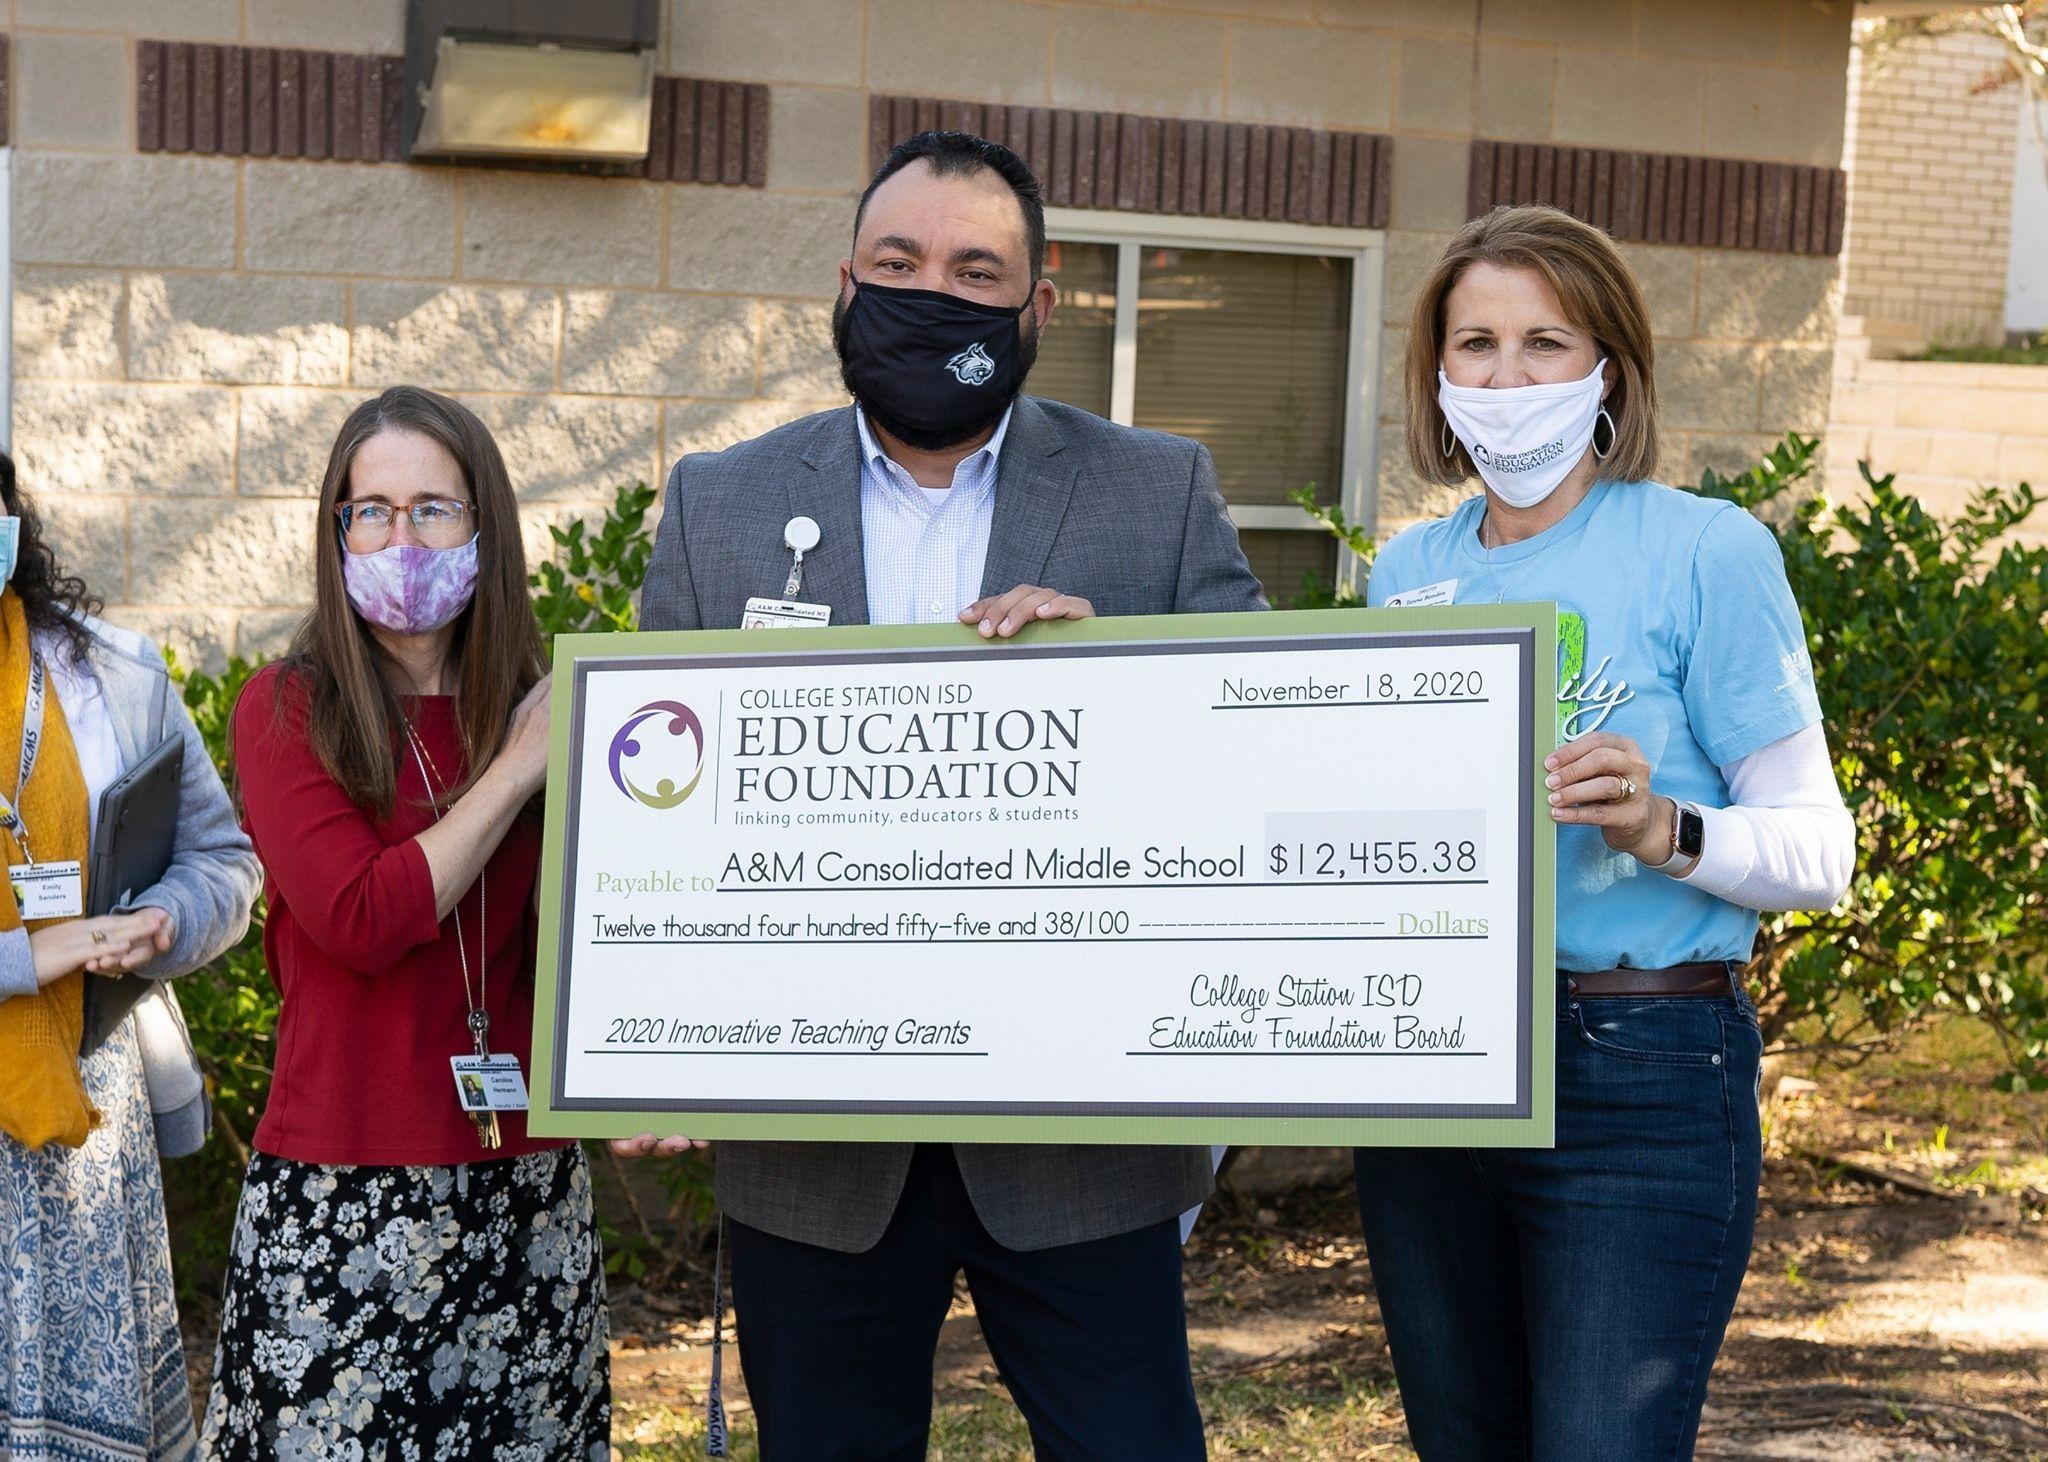 CSISD awarded $172,000 in Innovative Teaching Grants